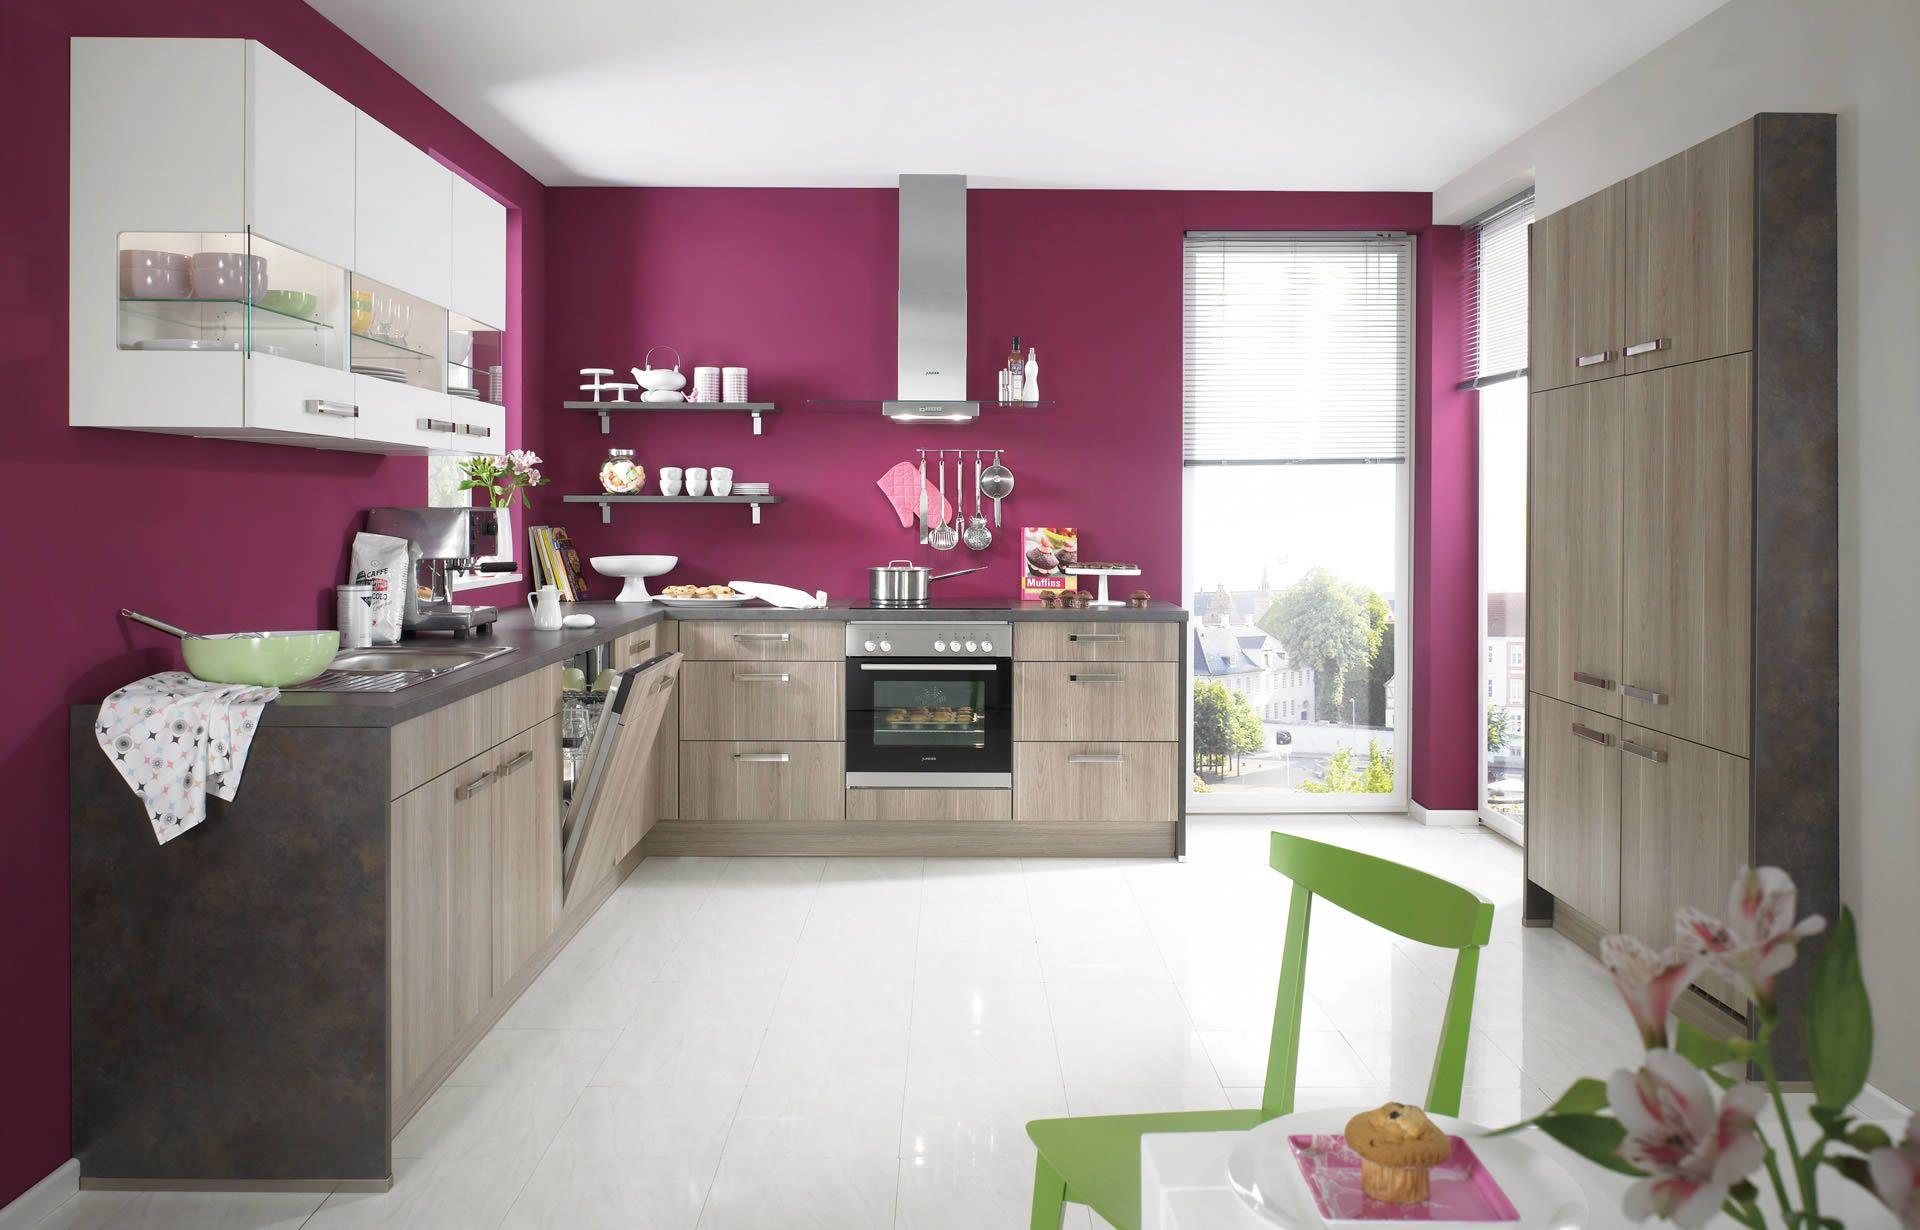 Nobilia Produkte Küchengalerie Alle Modelle Cucina Pinterest - Meuble de cuisine nobilia pour idees de deco de cuisine